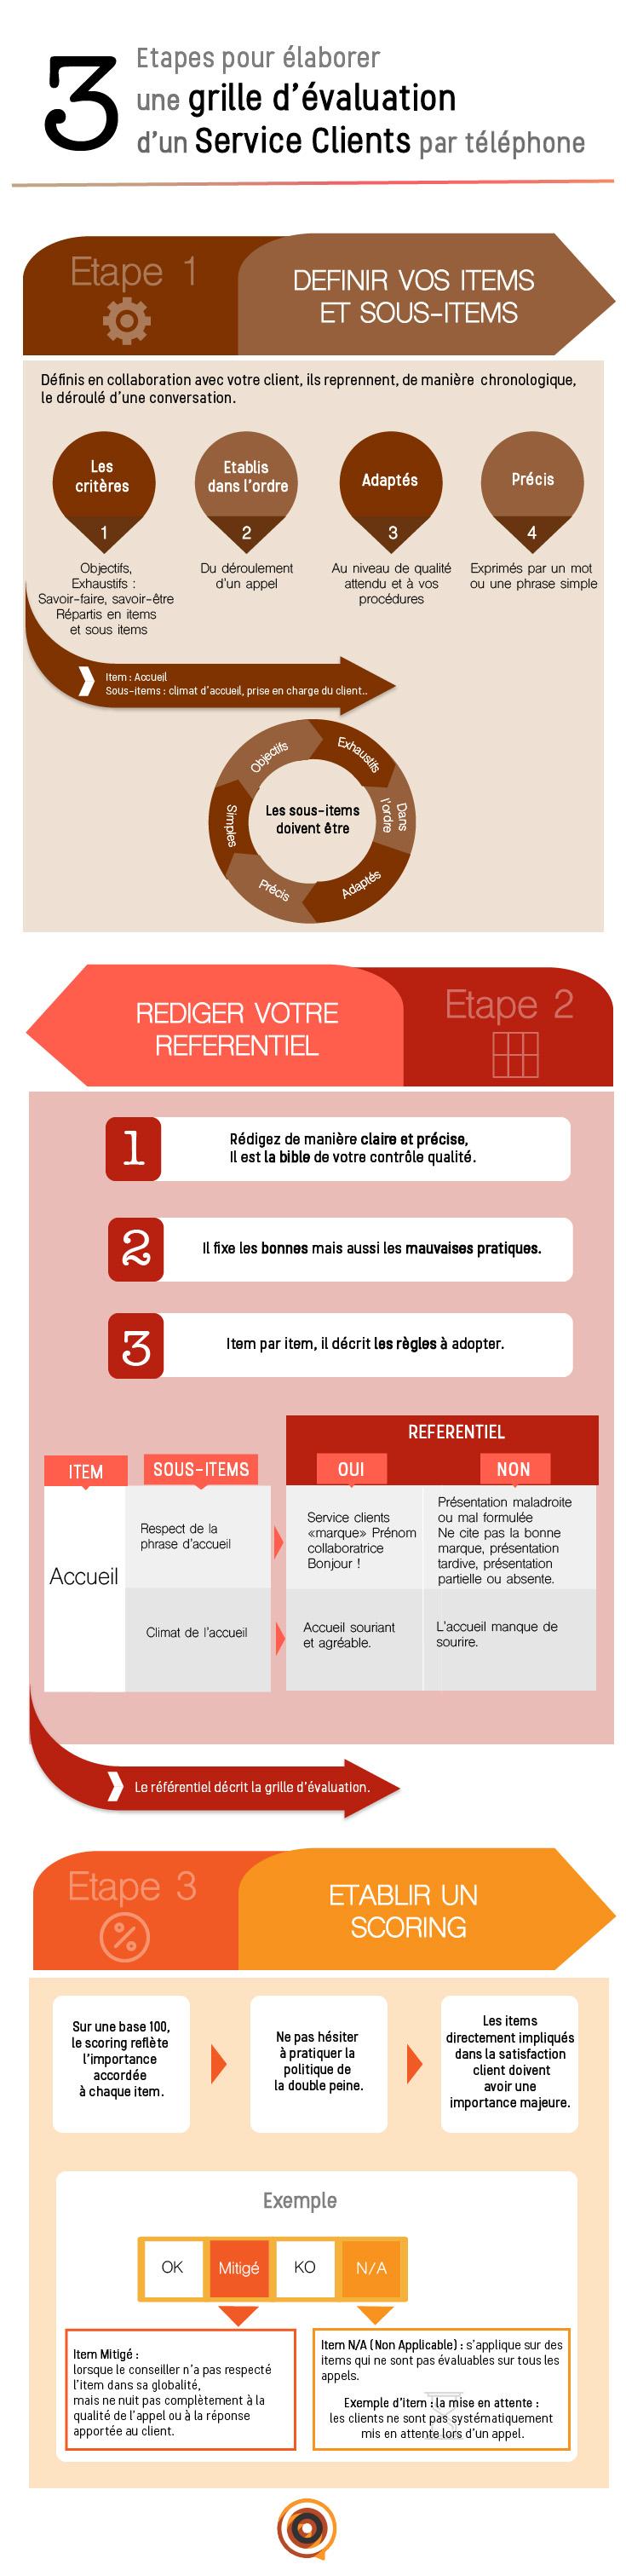 Infographie Grille évaluation Service Client par téléphone, 3 étapes pour en élaborer une de qualité !